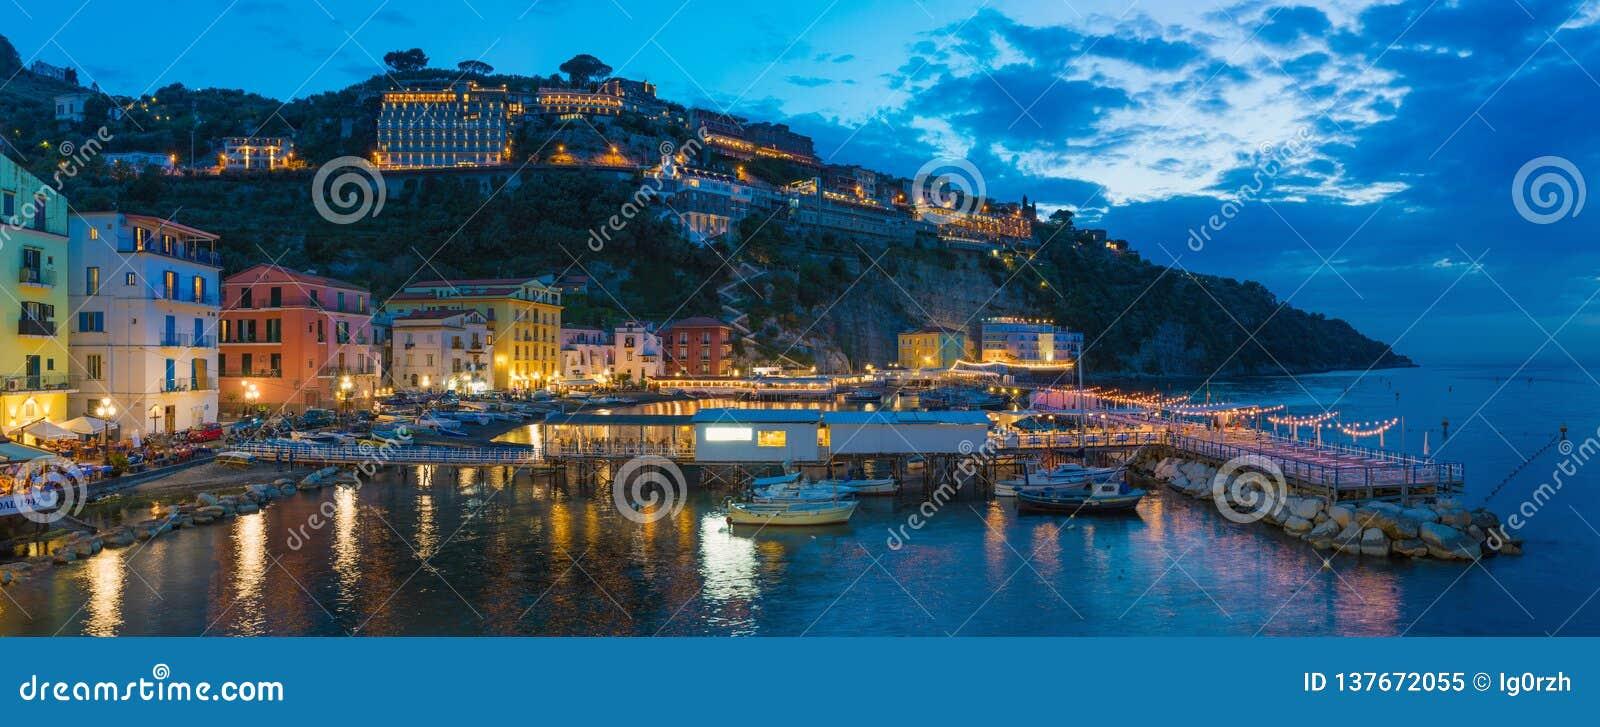 Panoramiczny noc widok grande w Sorrento Marina - popularny turystyczny miejsce przeznaczenia w Włochy